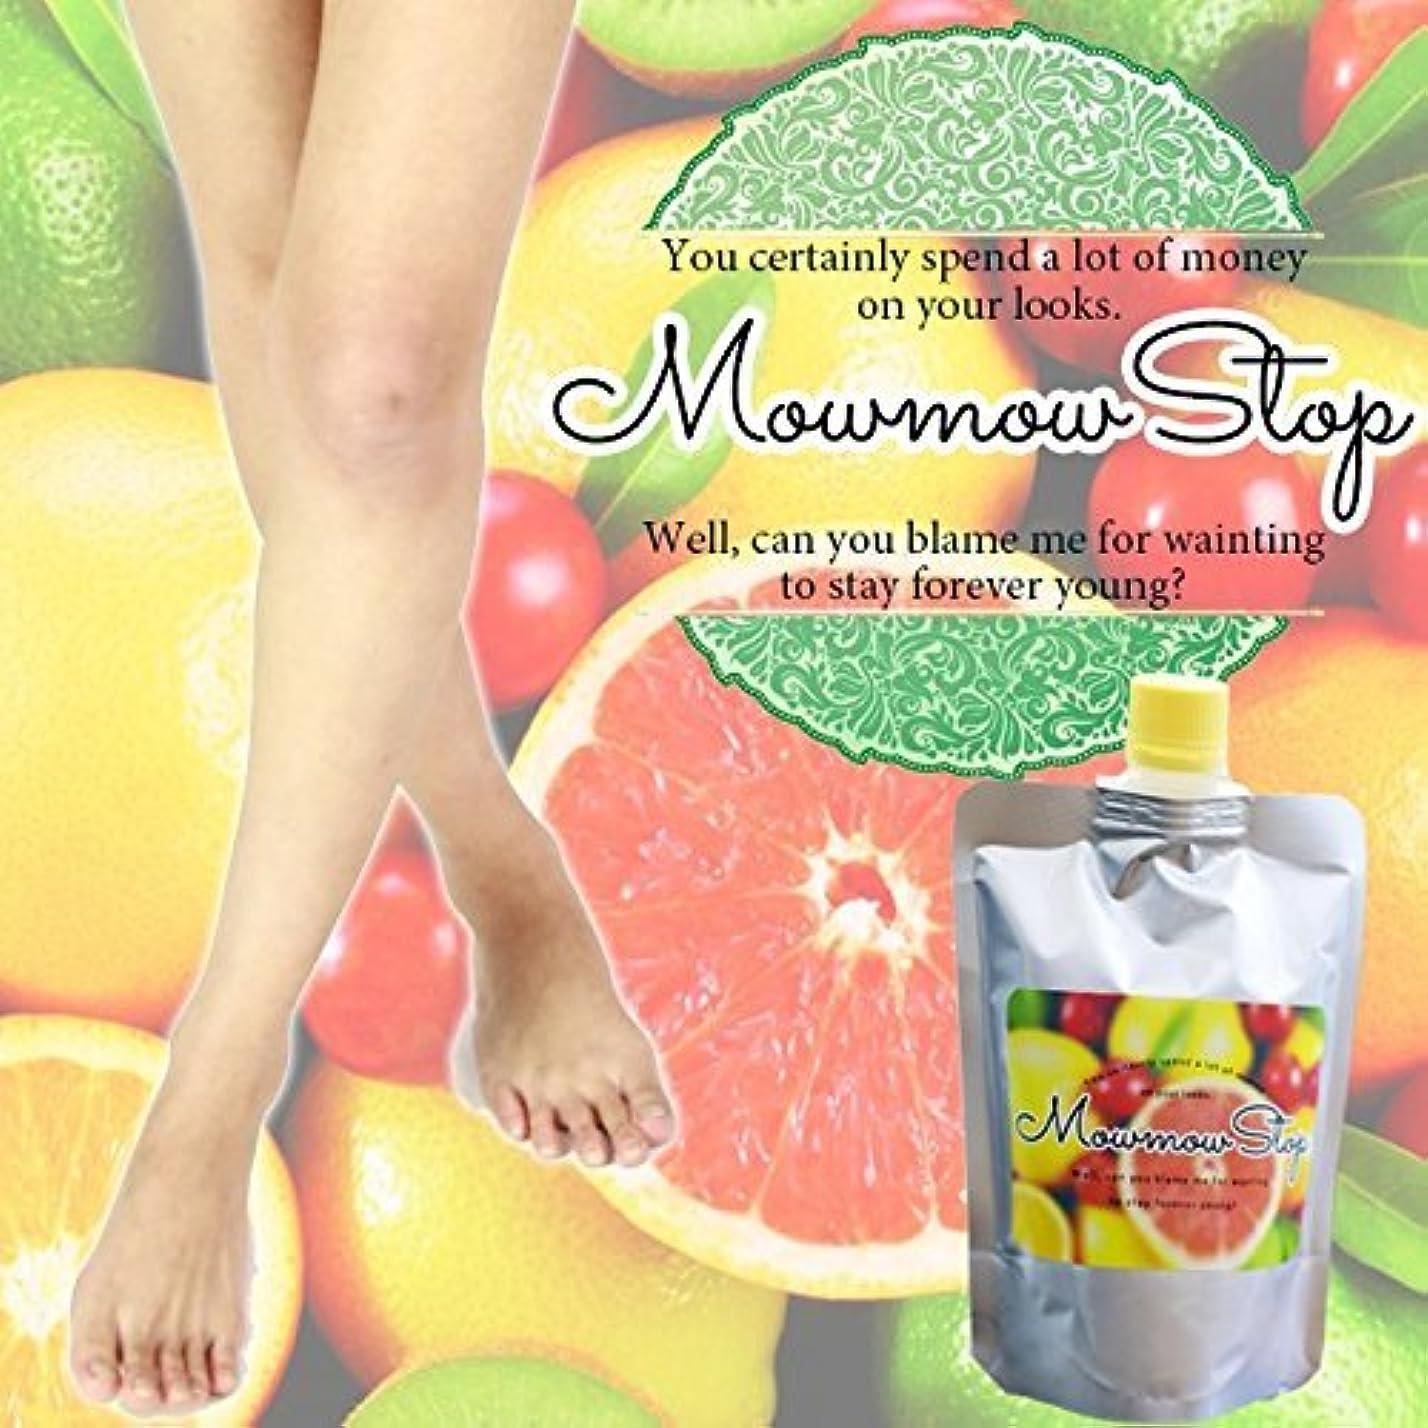 先住民麻痺レールMow mow Stop /モウモウストップ(医薬部外品)